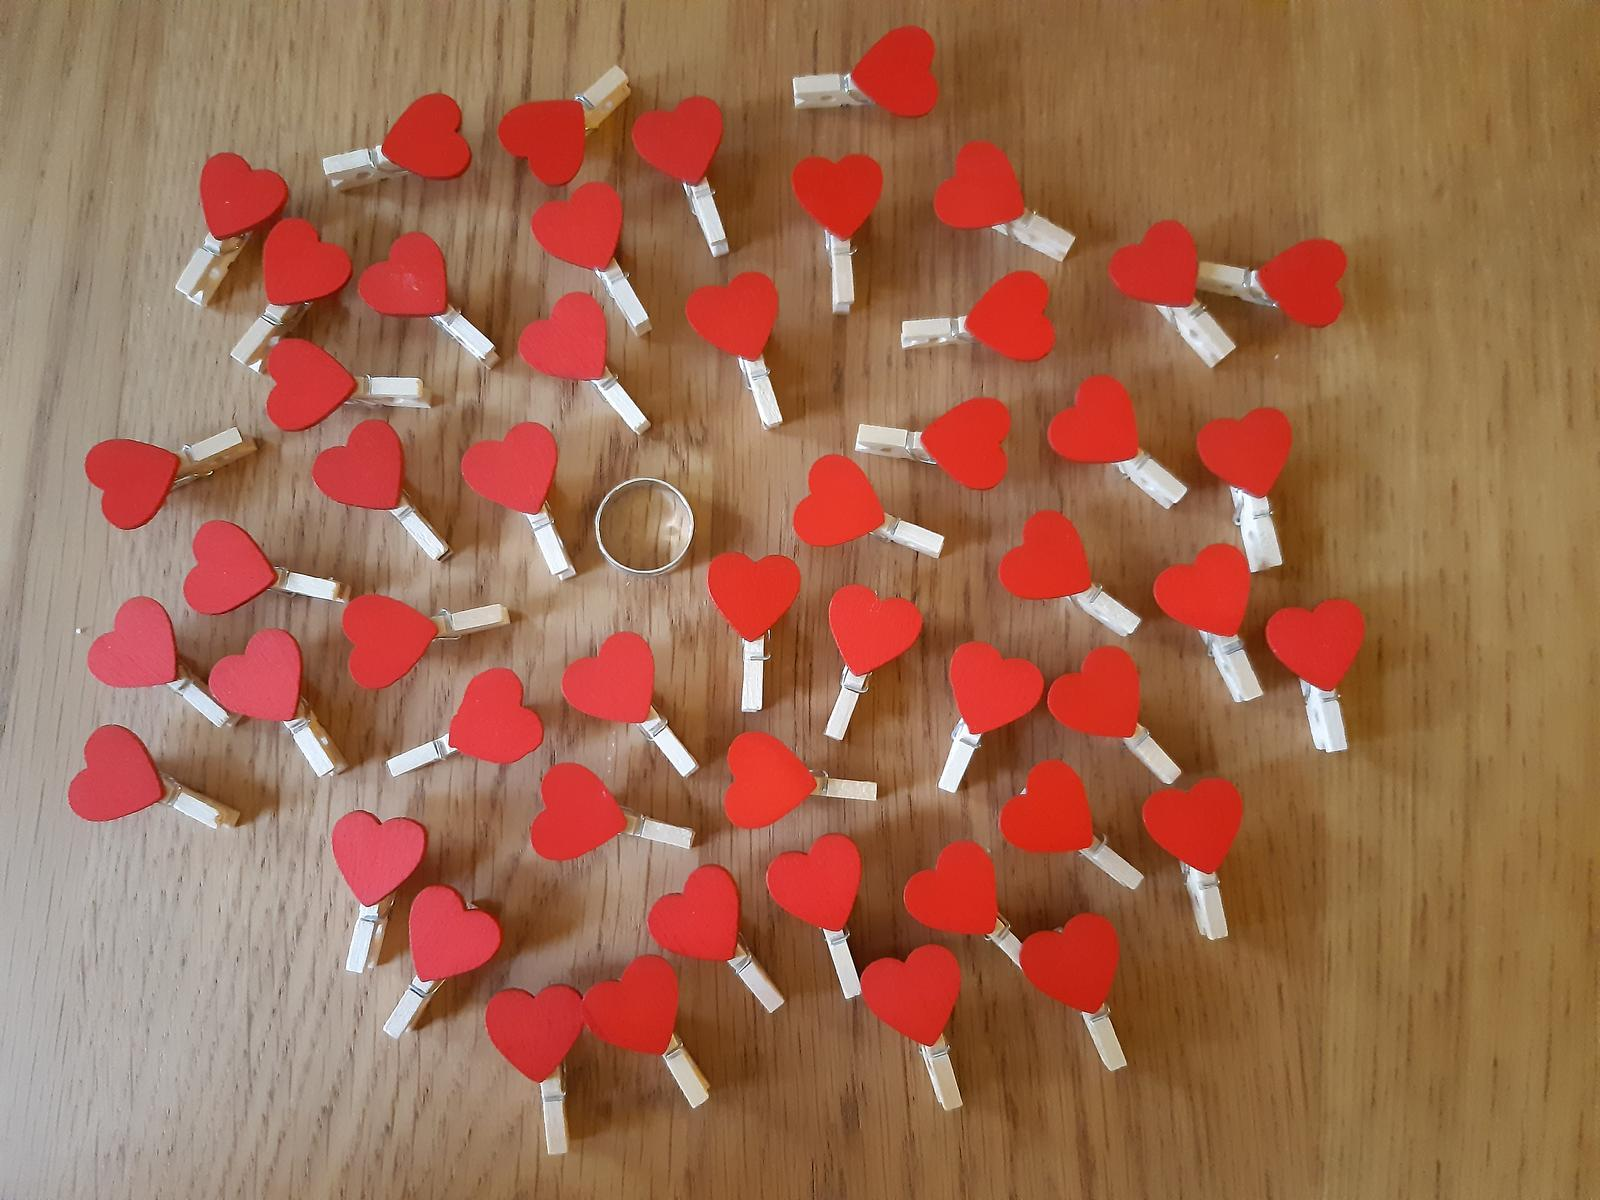 mini kolíčky se srdíčky 50 ks - Obrázek č. 1